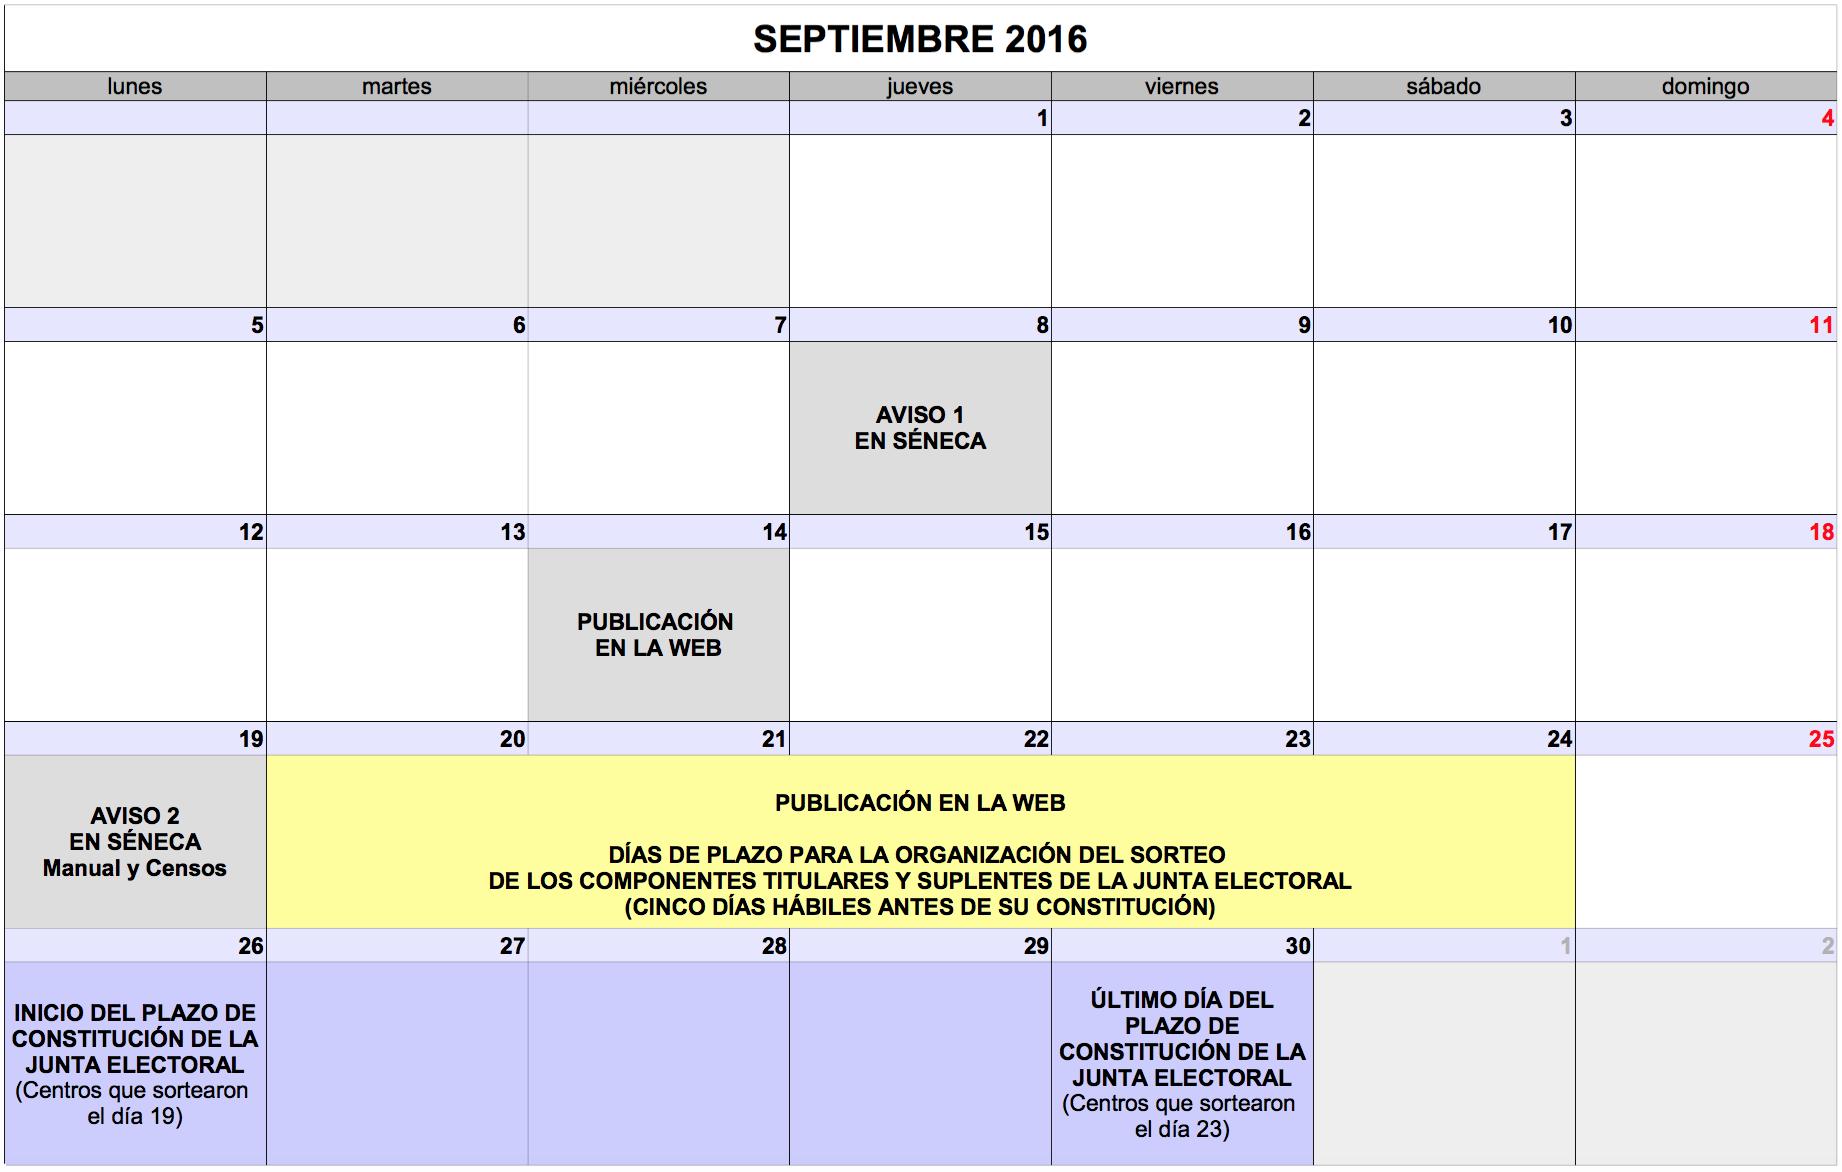 captura-de-pantalla-2016-10-21-a-las-19-26-09